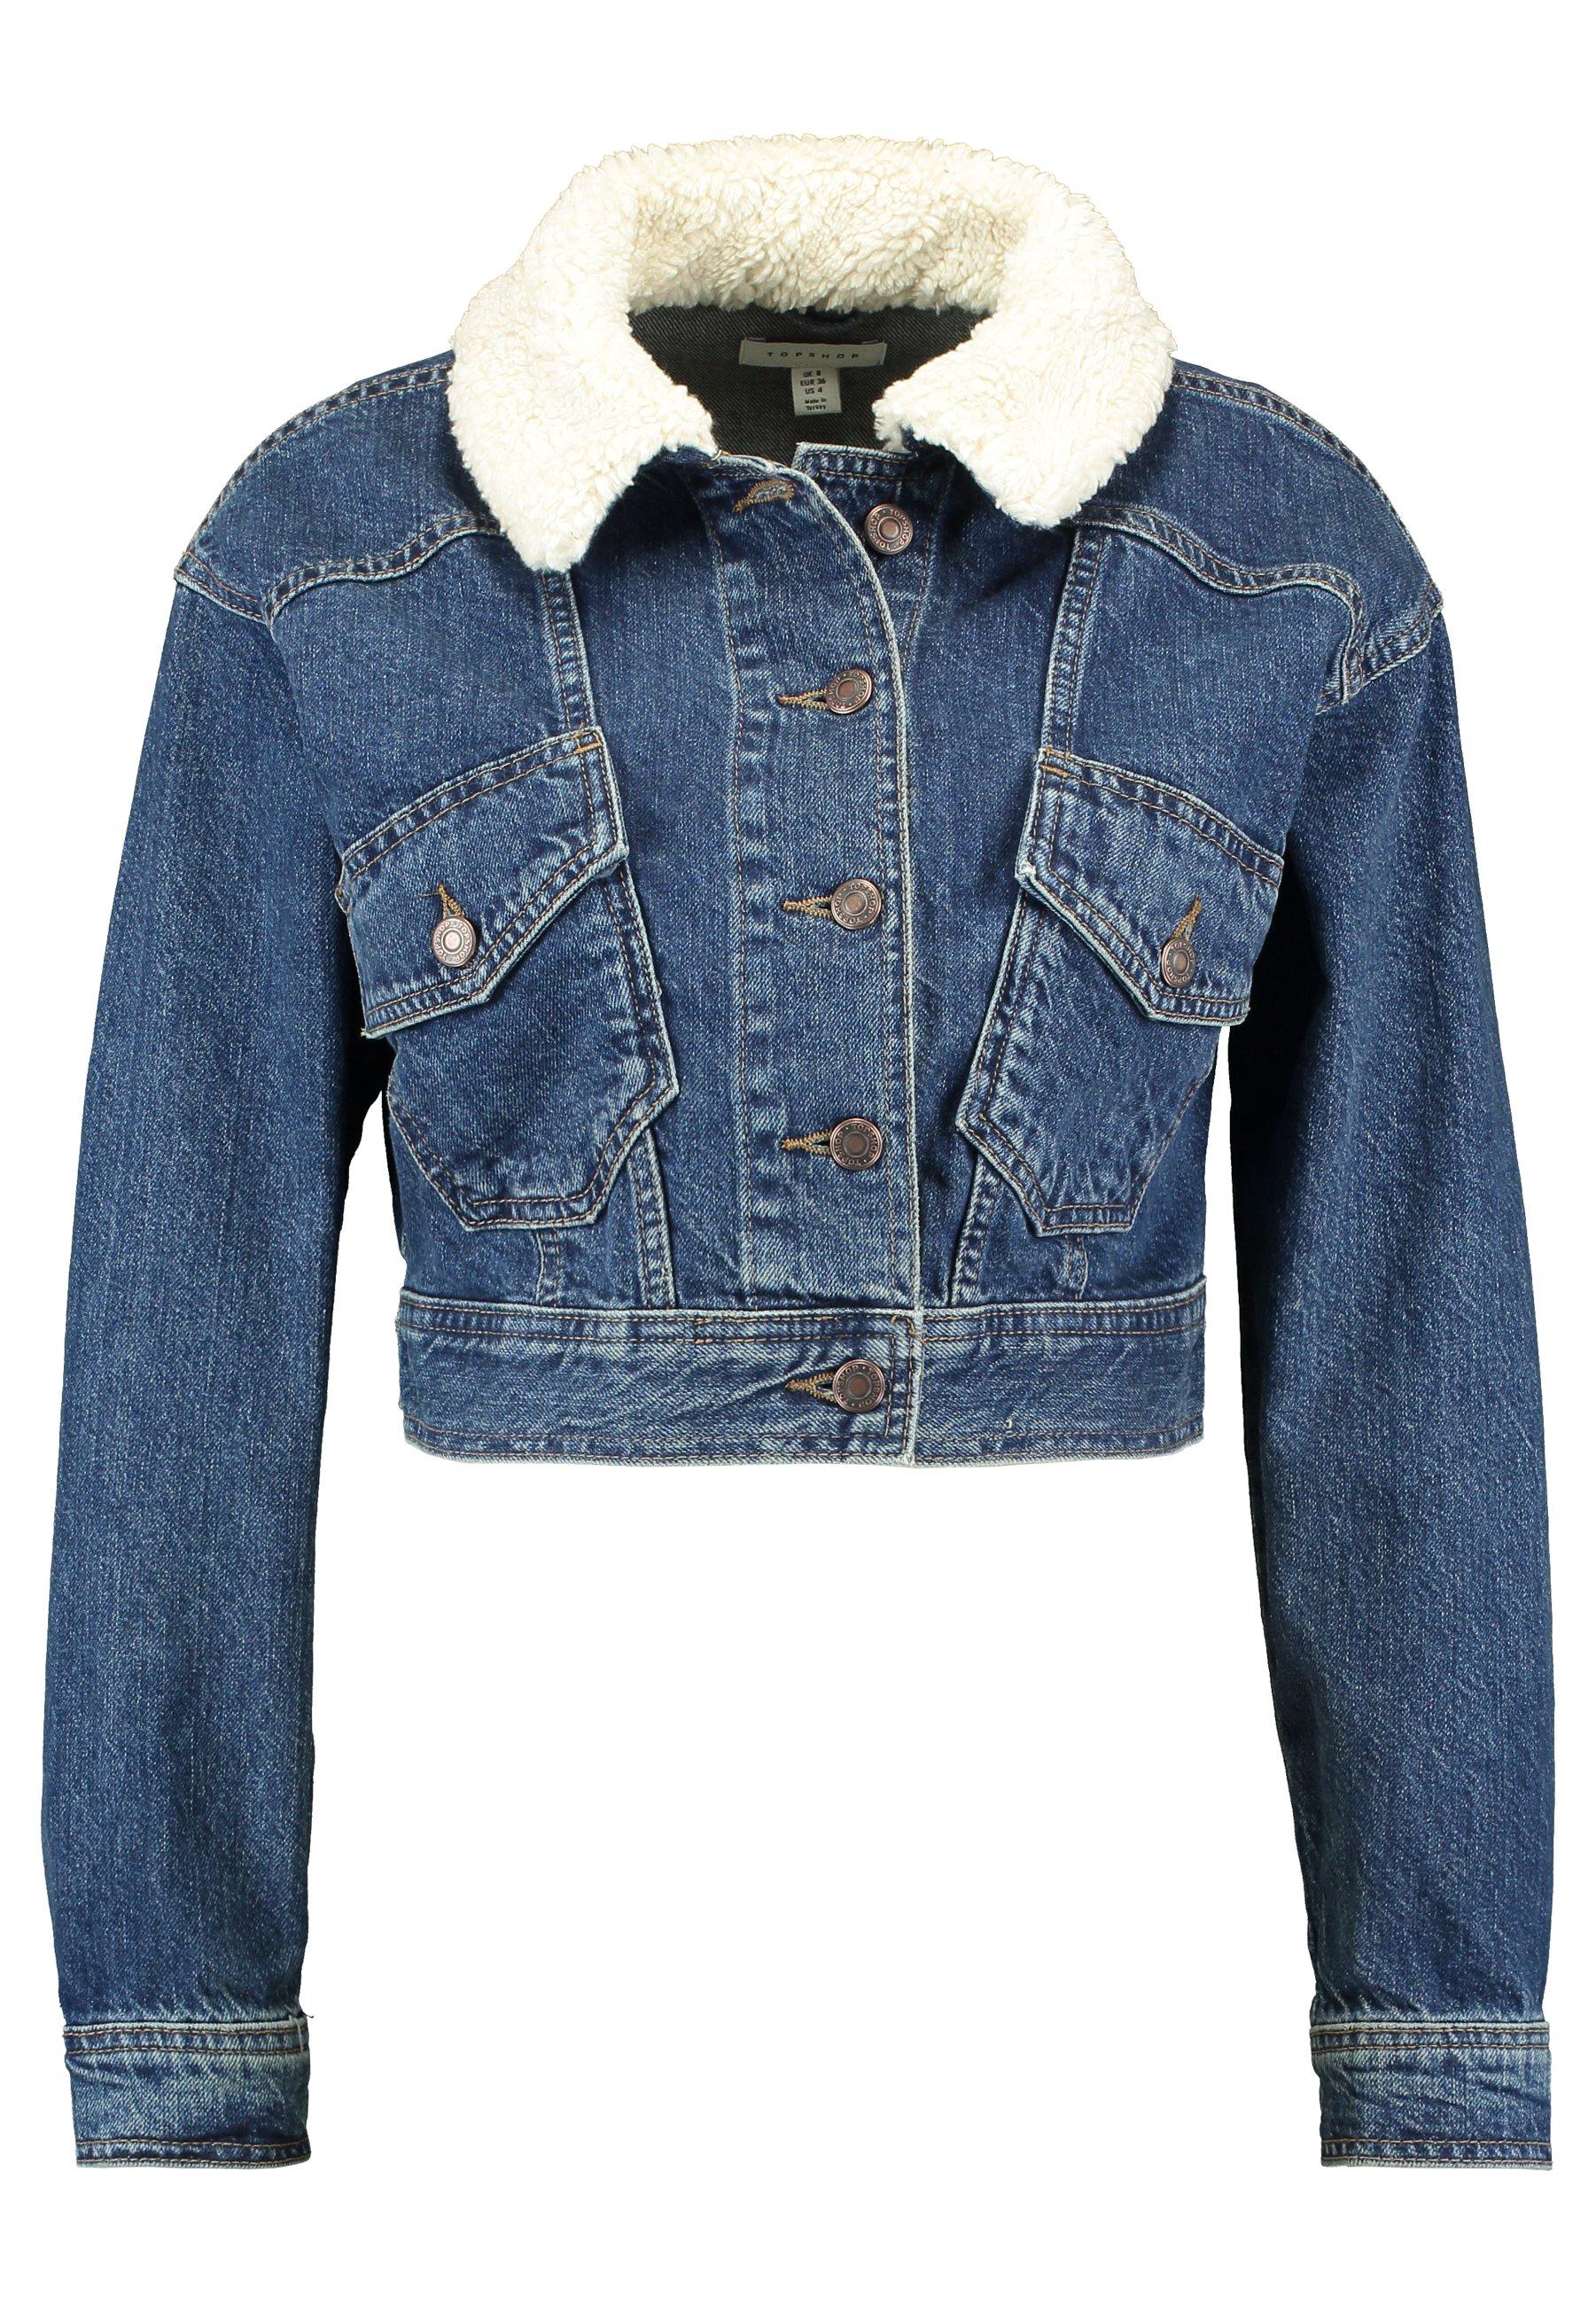 Topshop Crop Borg Jacket - Denim Blue UK